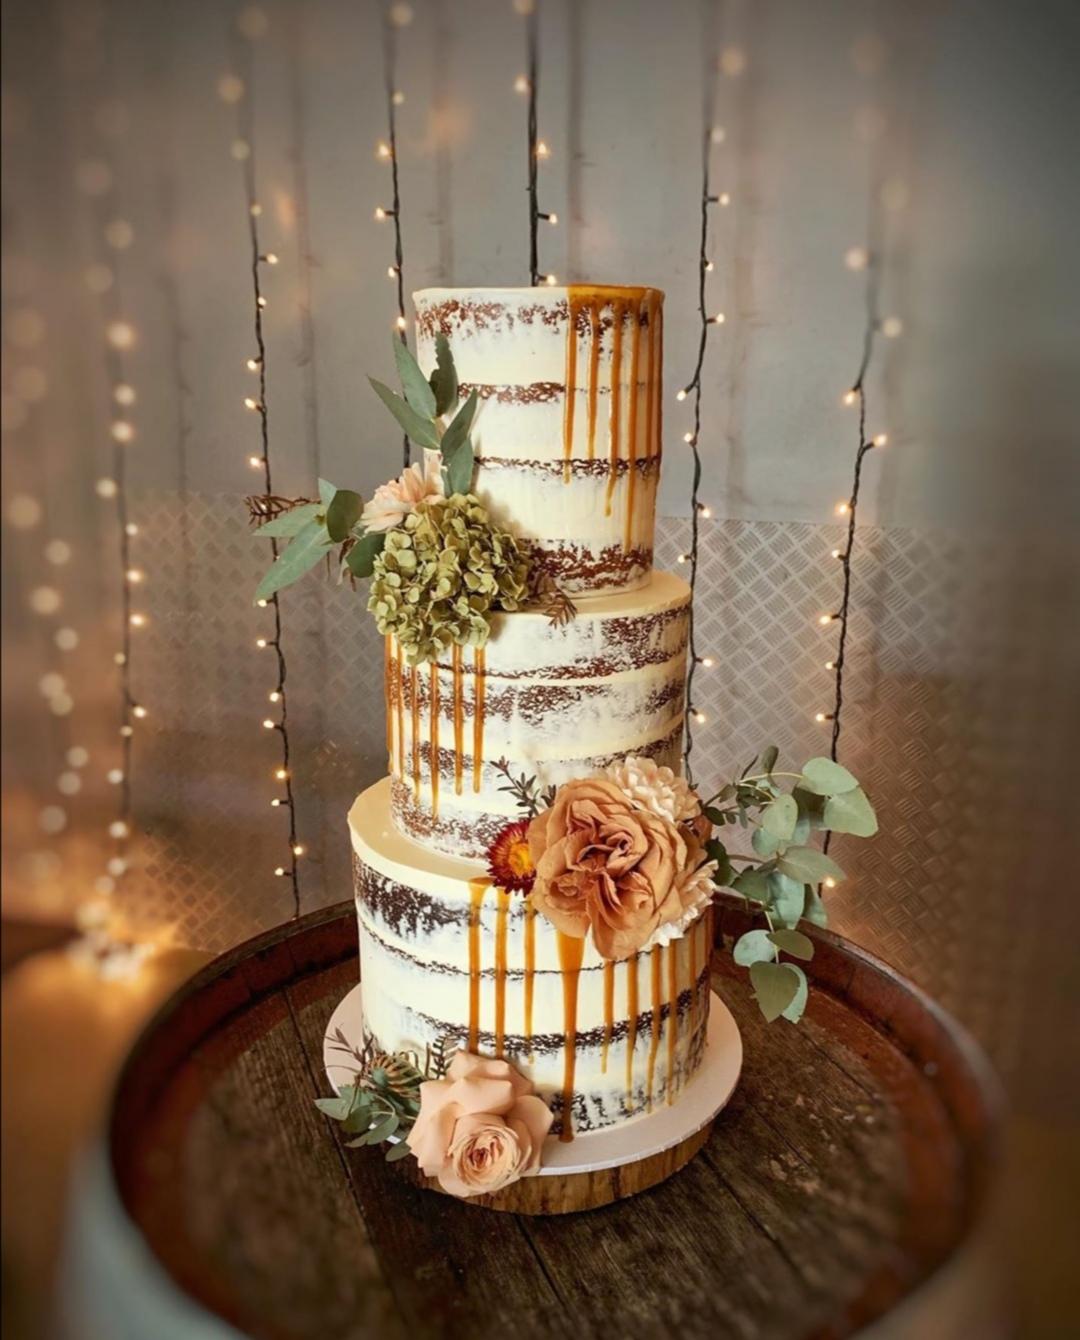 Caramel drip naked wedding cake